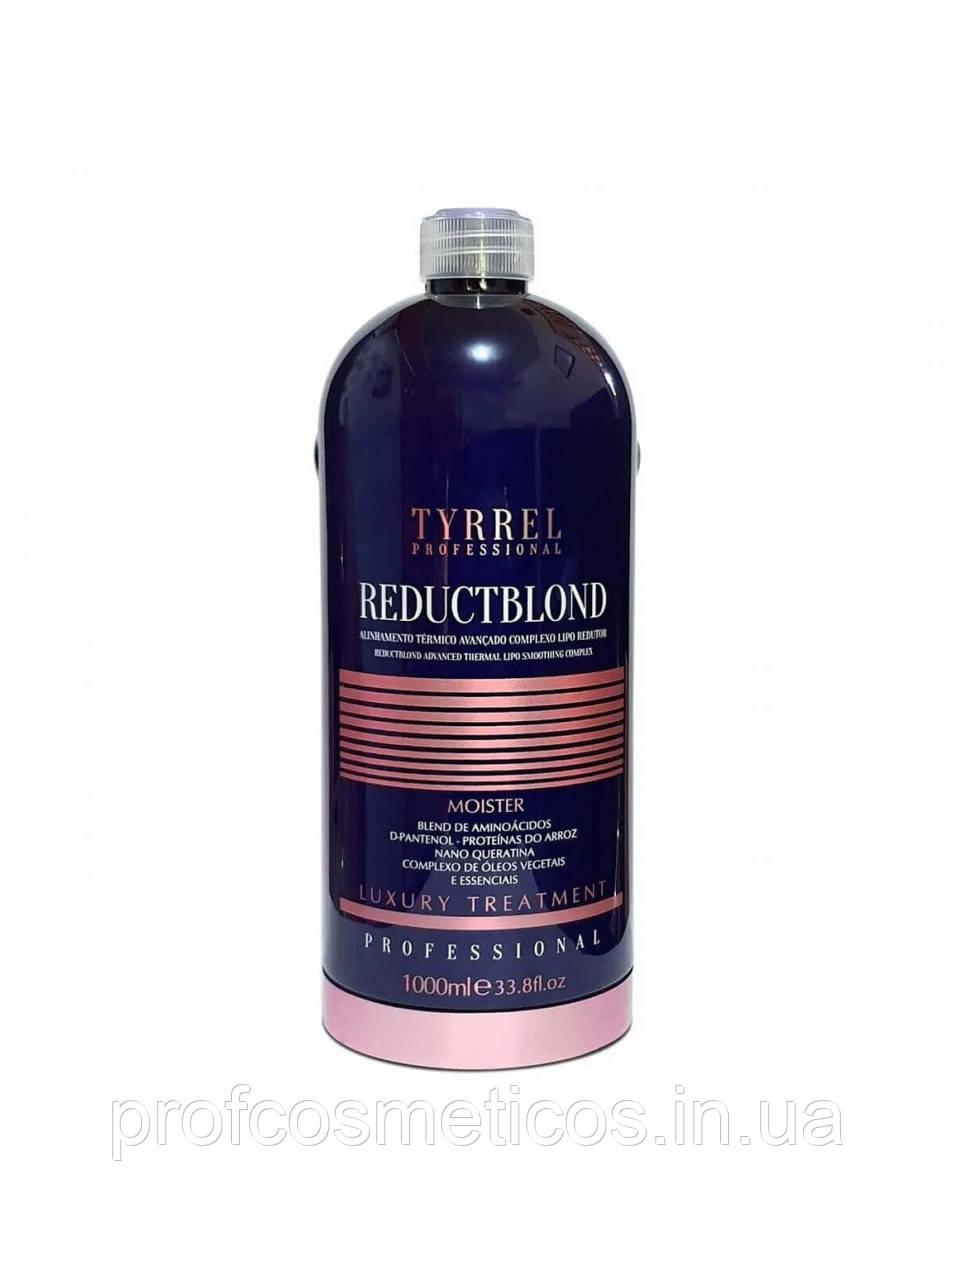 Нанопластика Tyrrel Reductblond 1000 ml